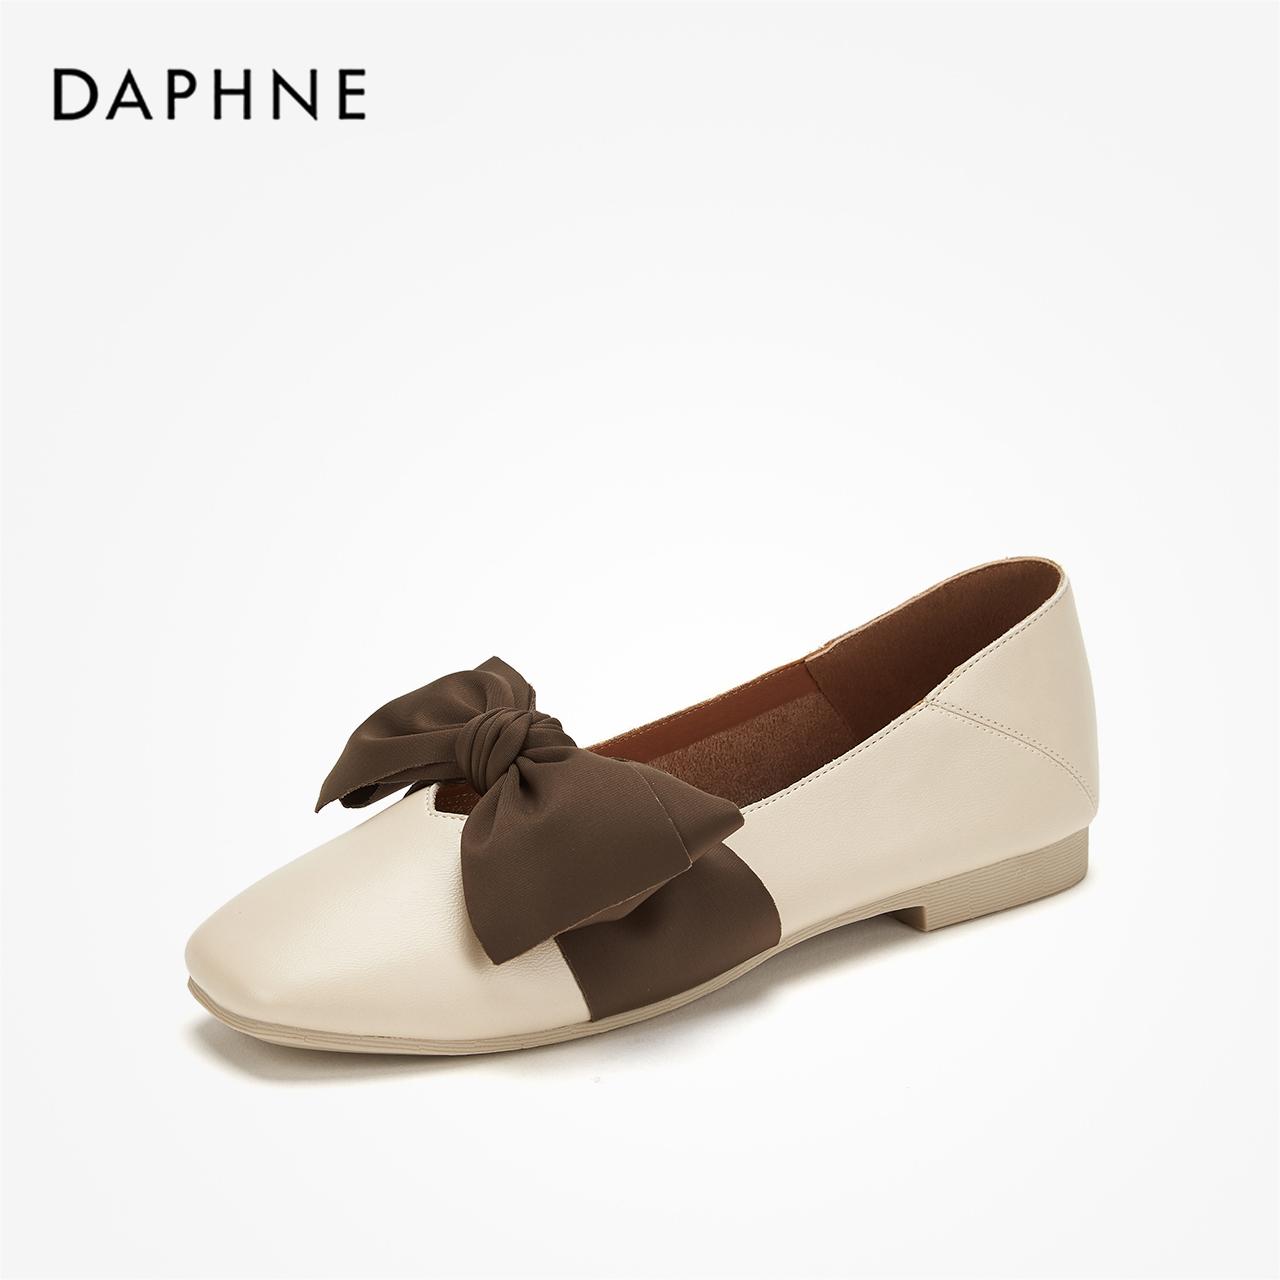 达芙妮秋复古大结饰奶奶鞋女小清新双穿方头玛丽珍鞋平底单鞋